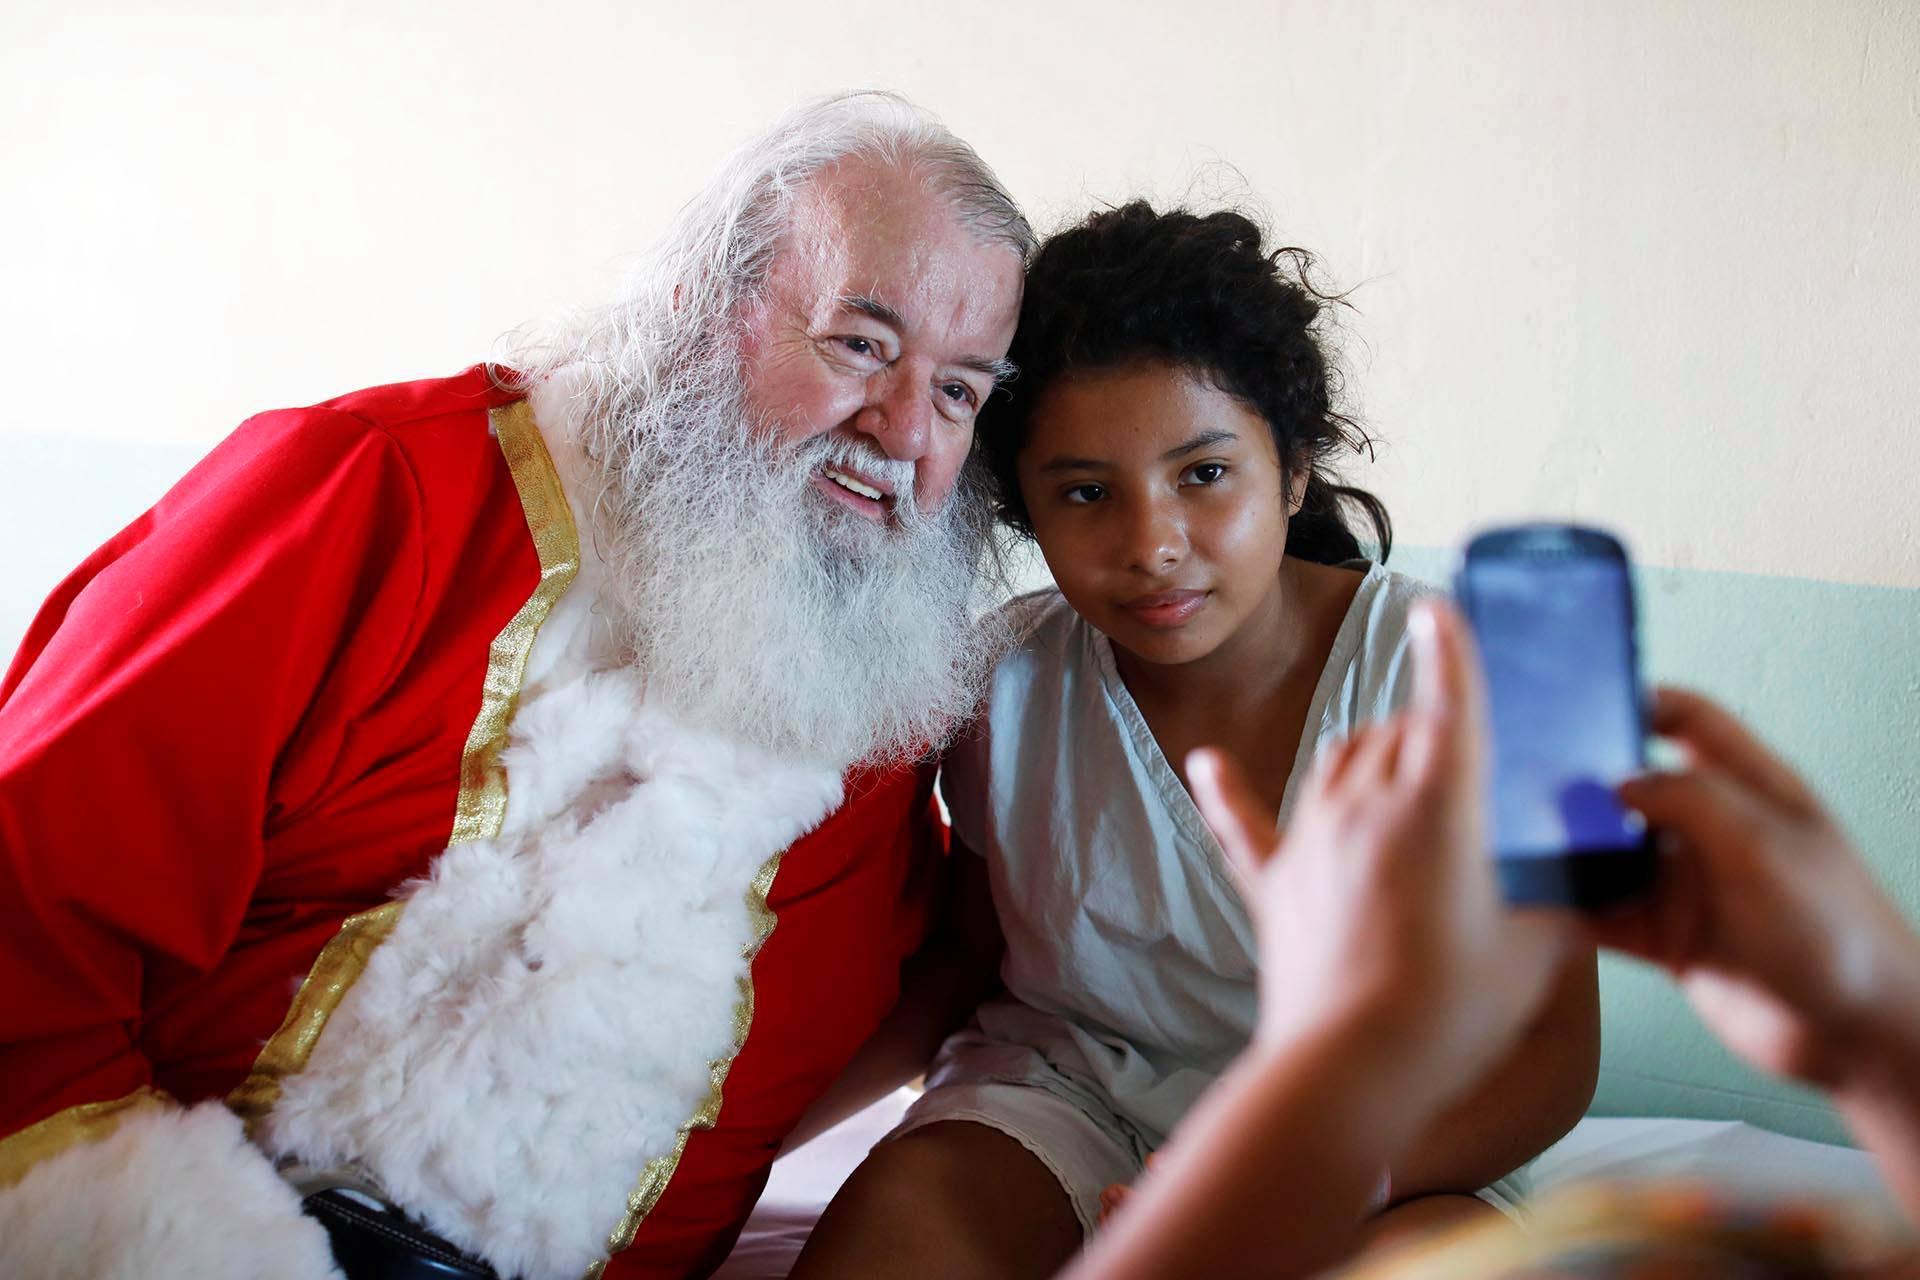 Joulupukkiasuinen islantilainen Einar Sveinsson toi iloa lapsipotilaille sairaalassa keskiamerikkalaisessa El Salvadorissa.